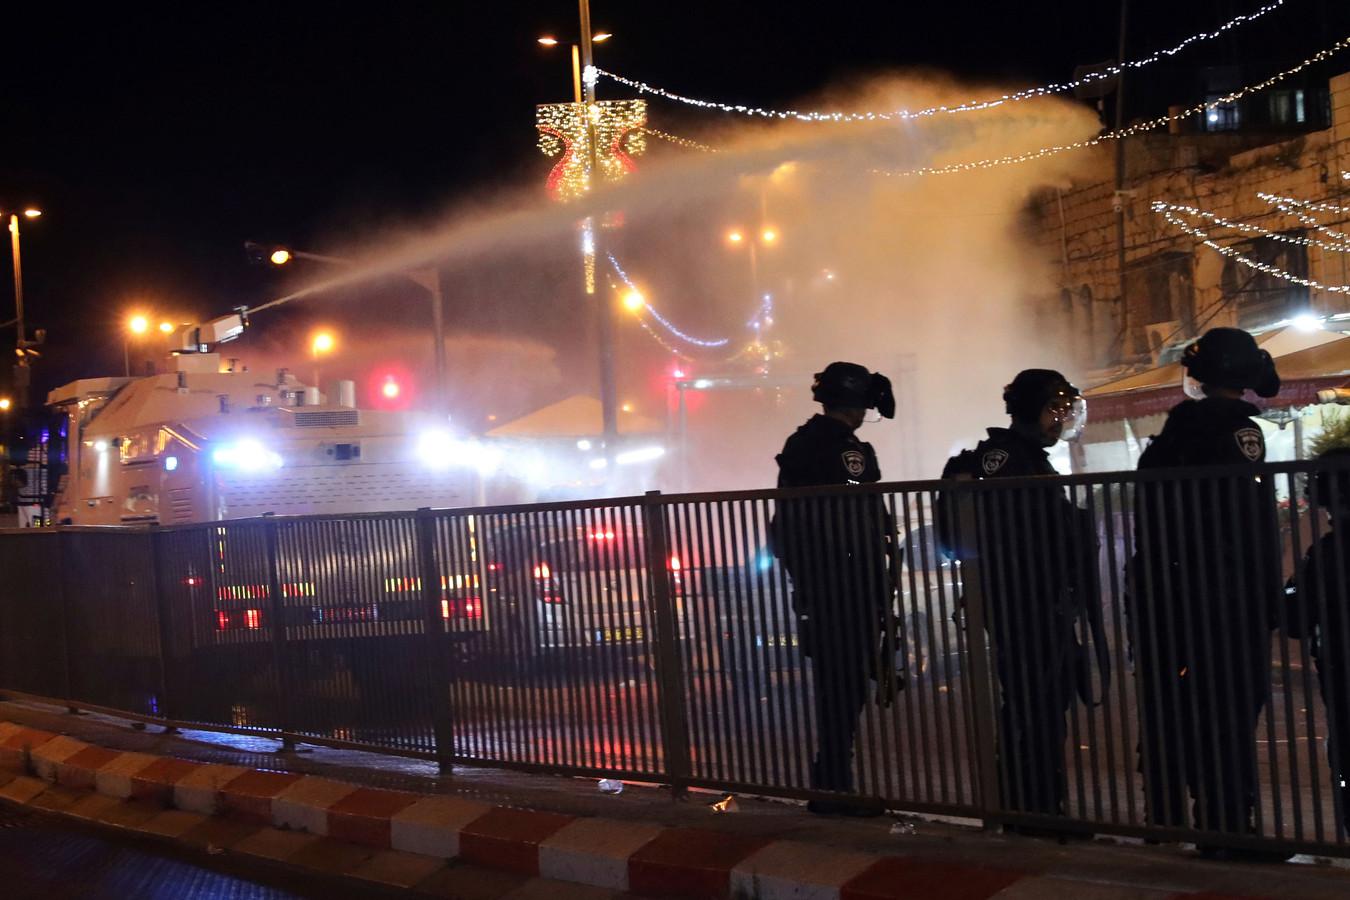 De Israëlische politie maakte onder meer gebruik van een waterkanon om de Palestijnse betogers in toom te houden.